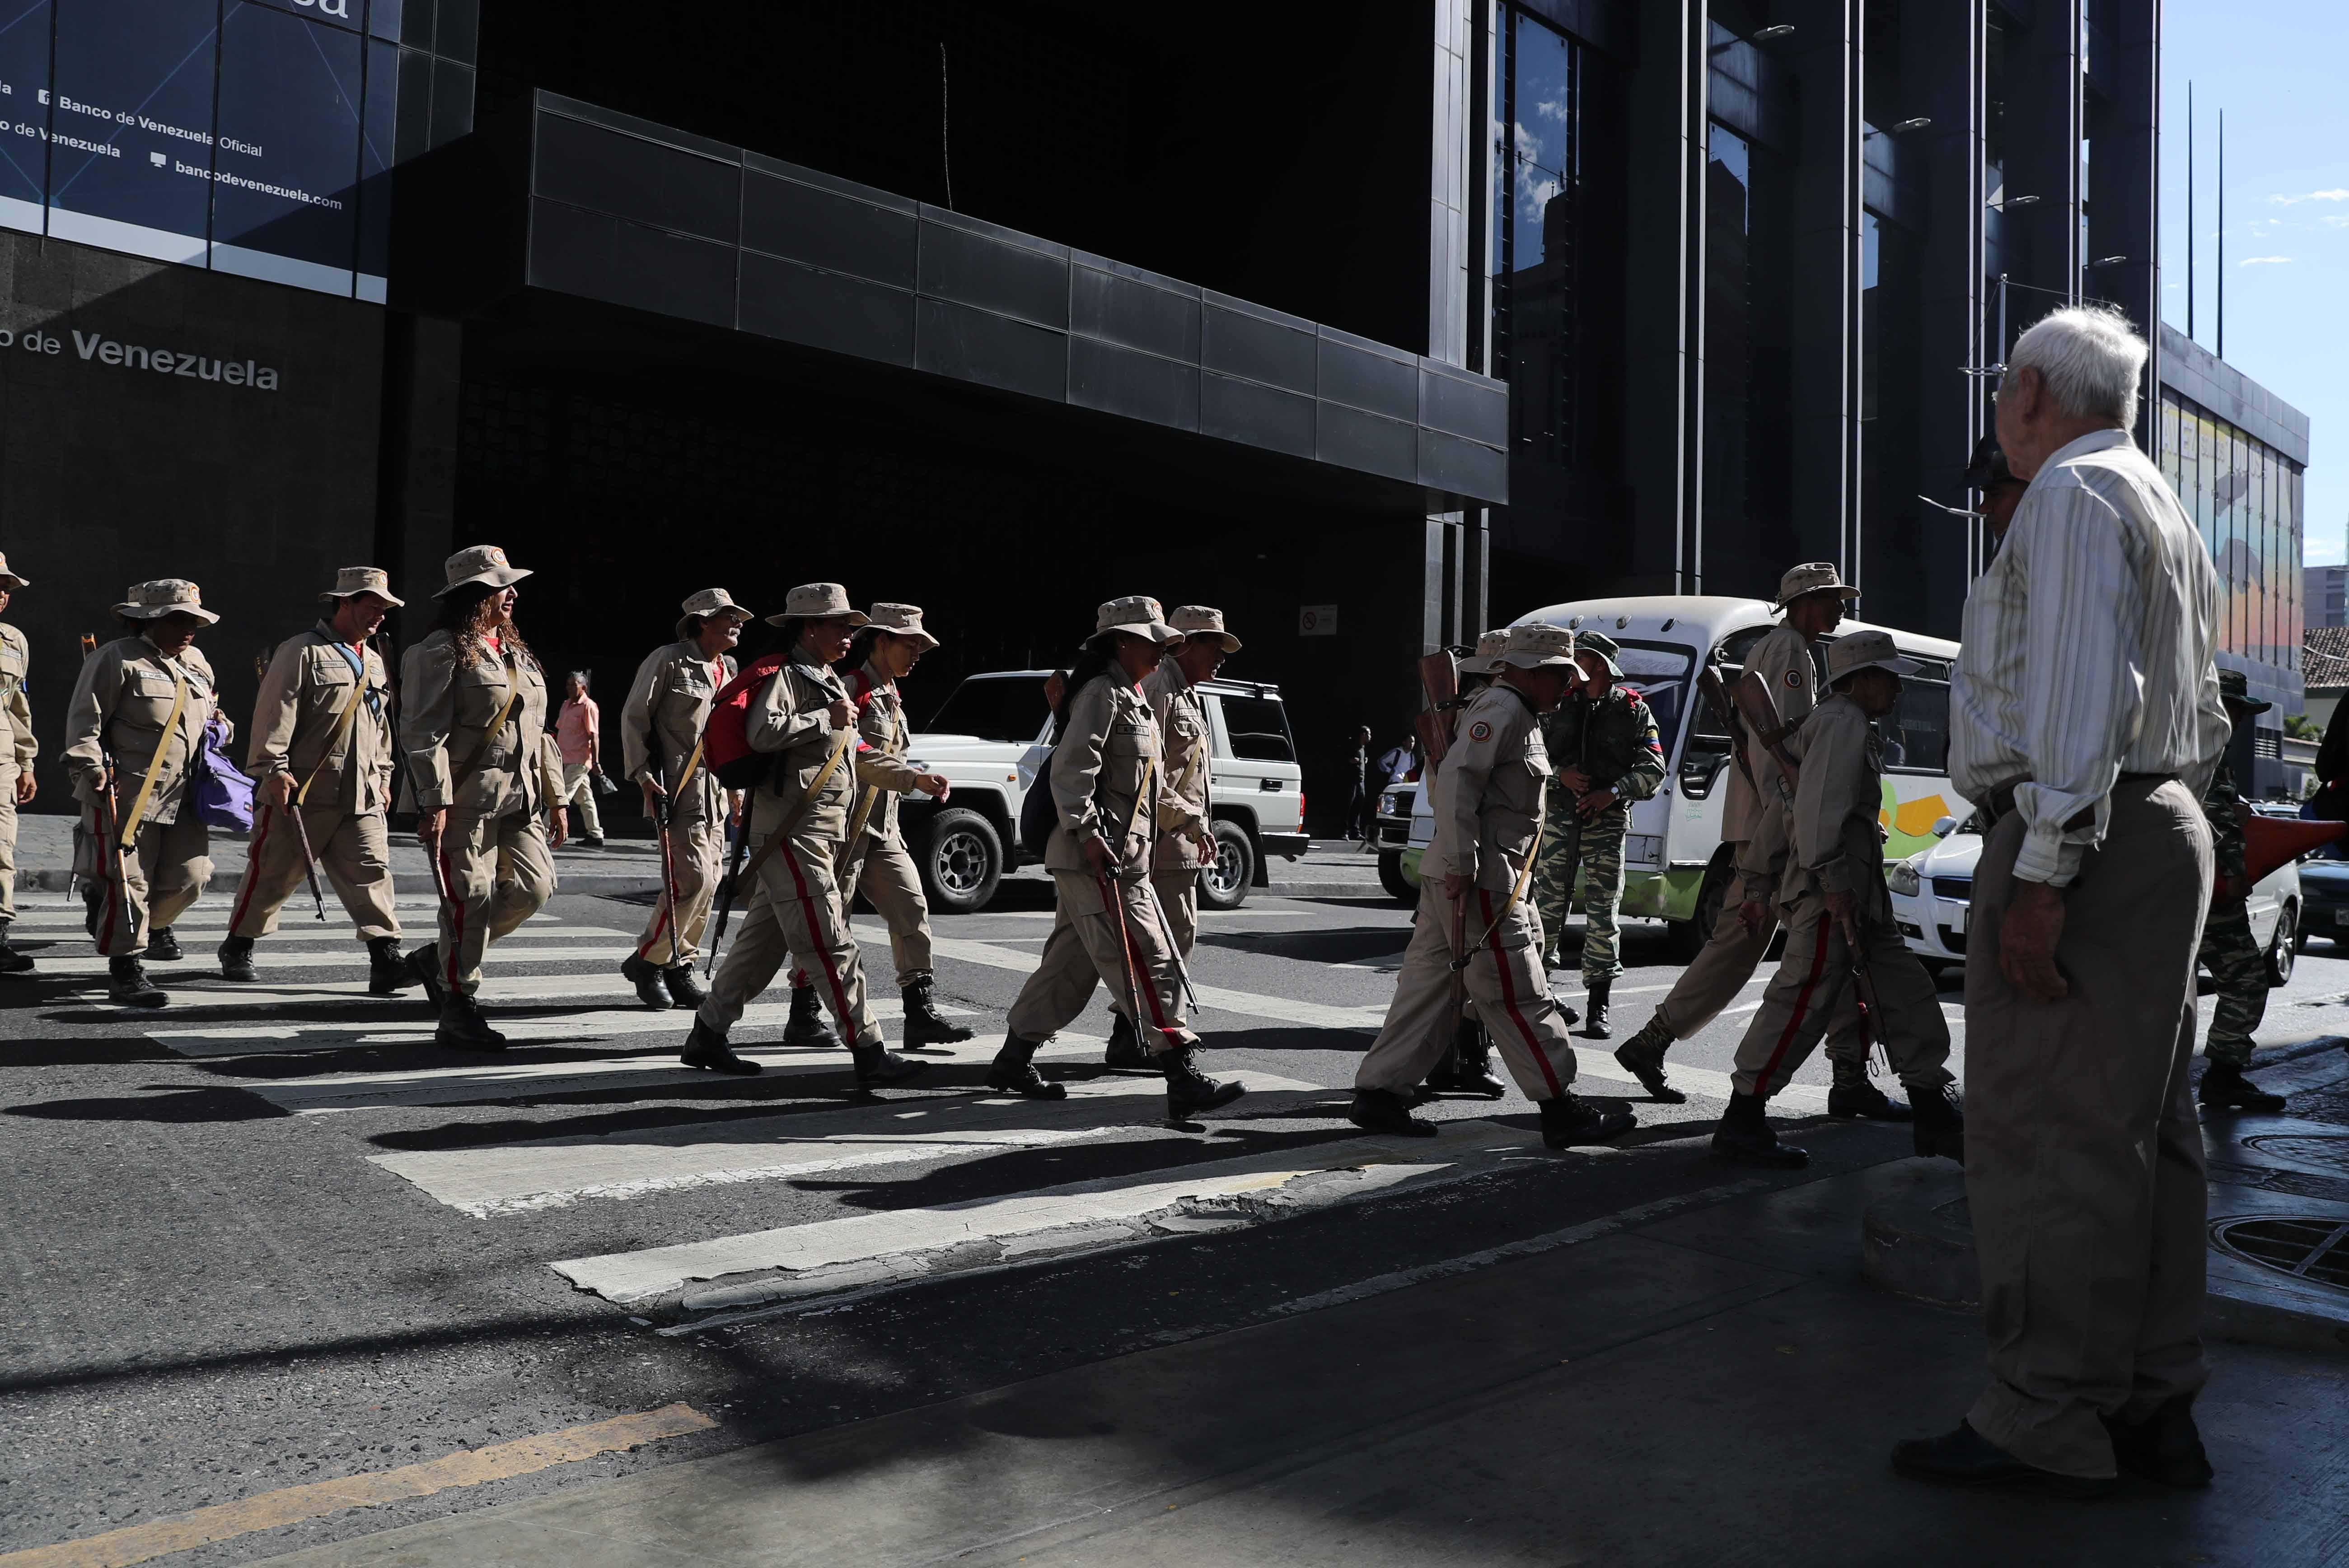 Más de 2 millones de milicianos participan en ejercicios militares